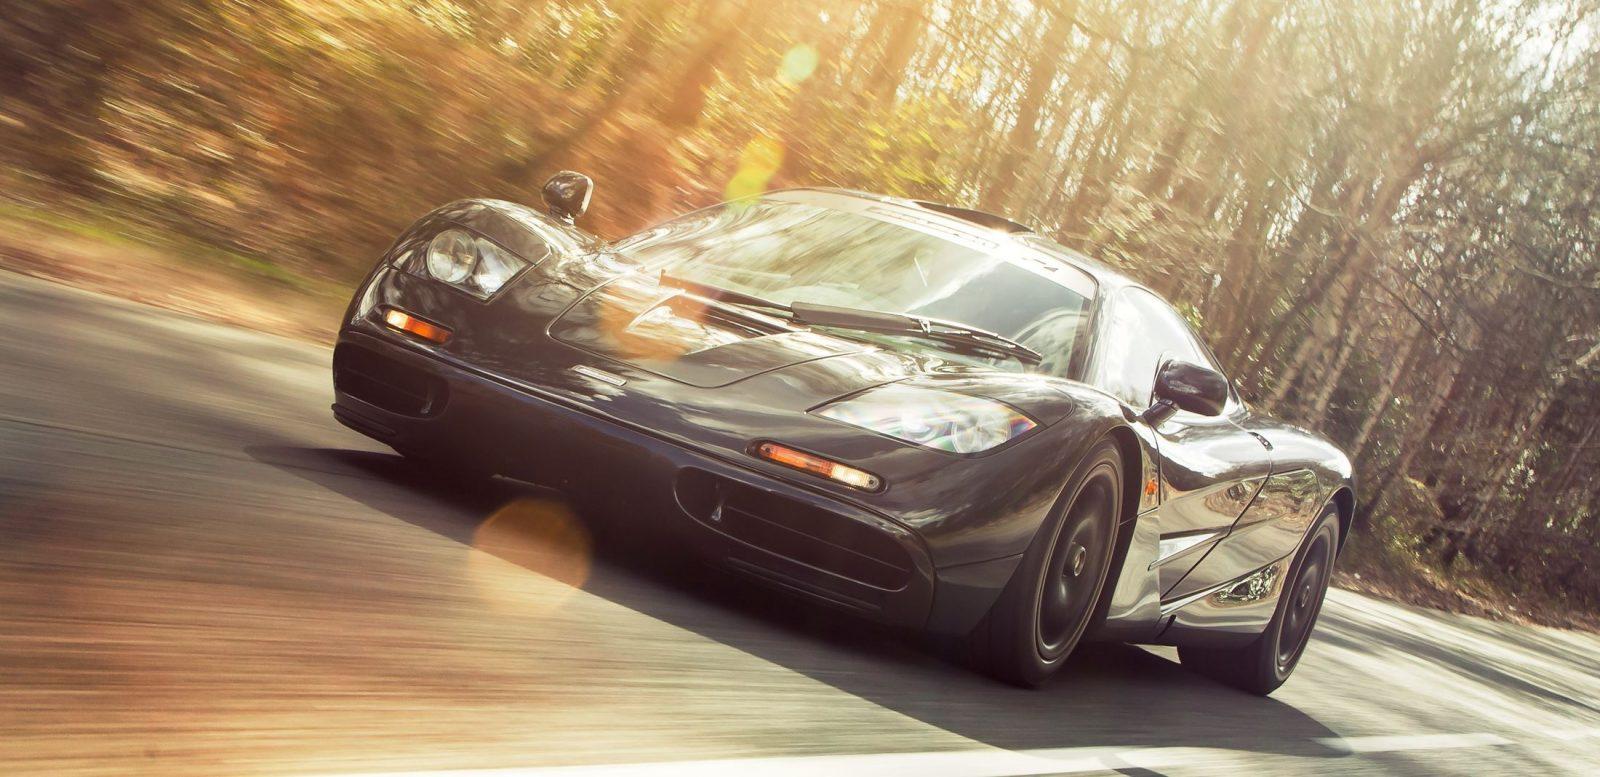 Mso Special 1998 Mclaren F1 069 Low Miles Full